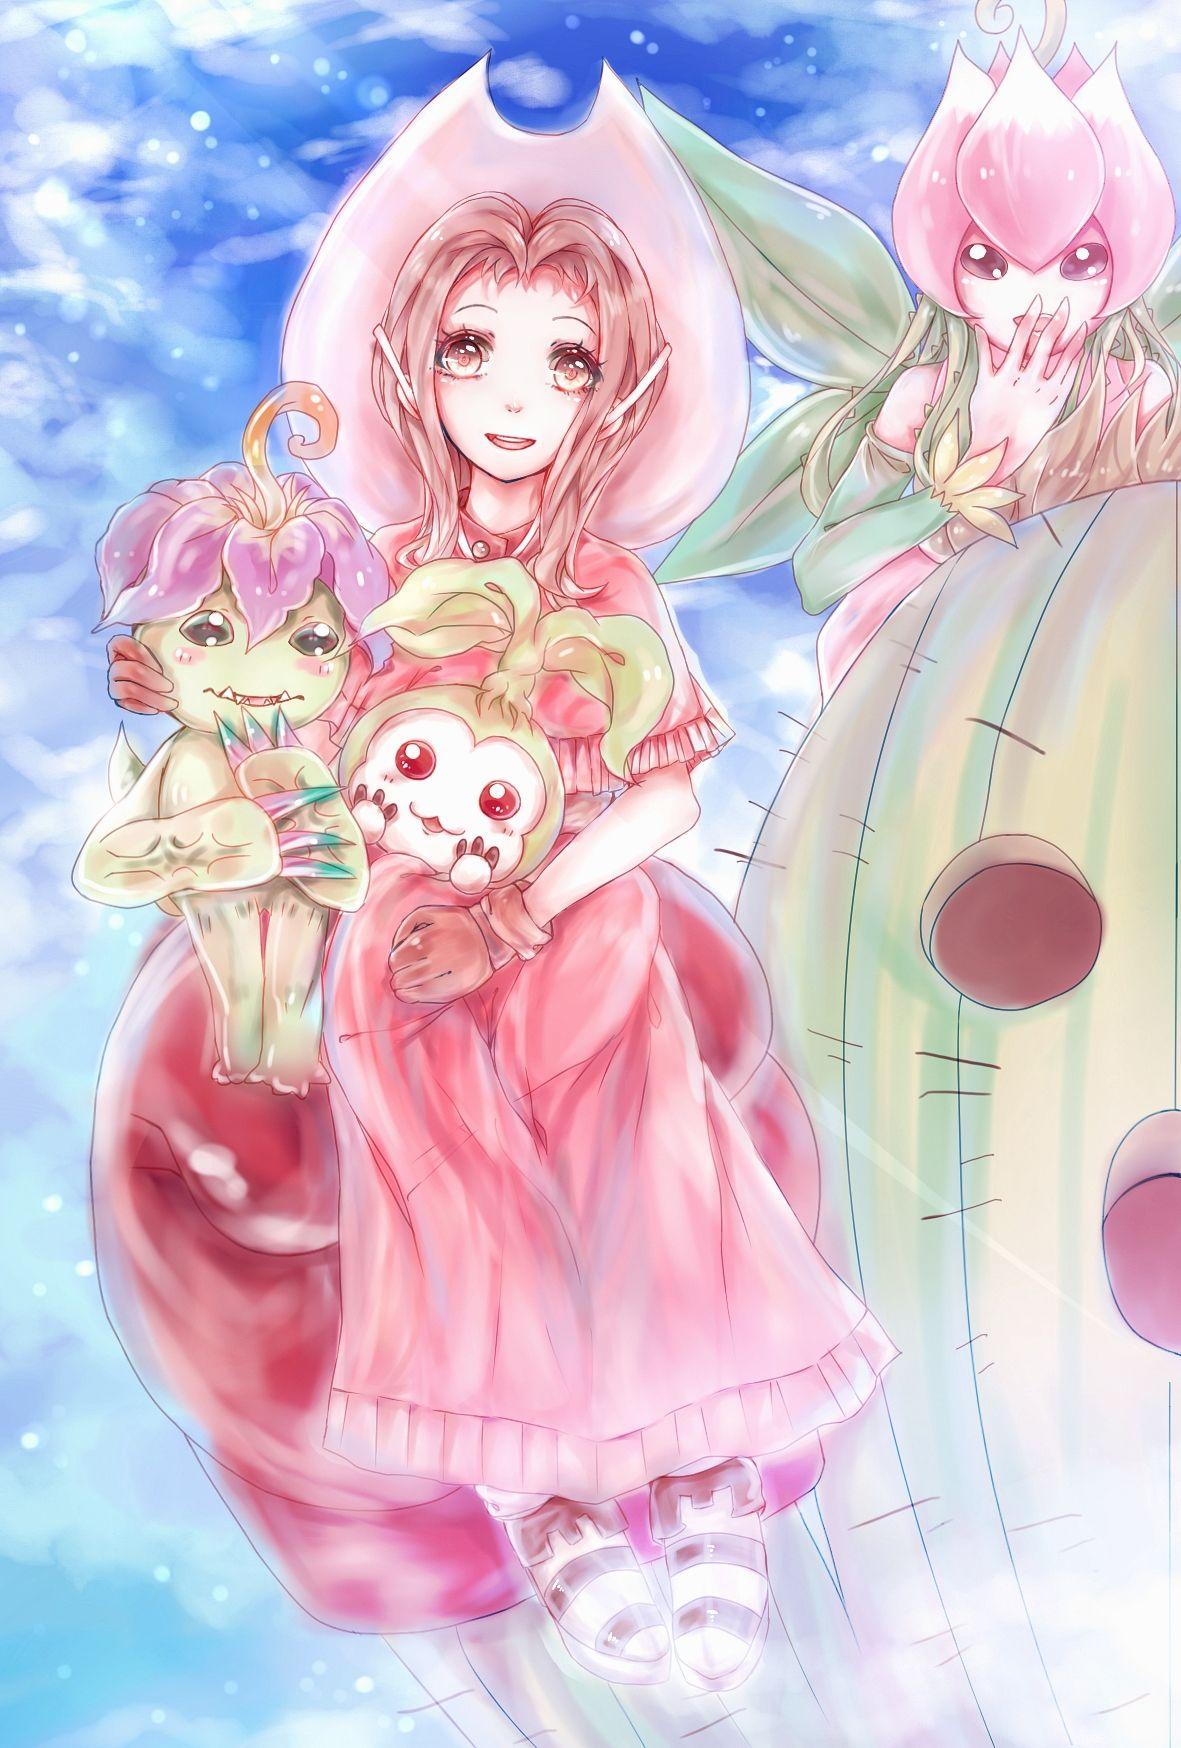 Pin by Kamilah Okafor on Anime Is Digimon, Anime